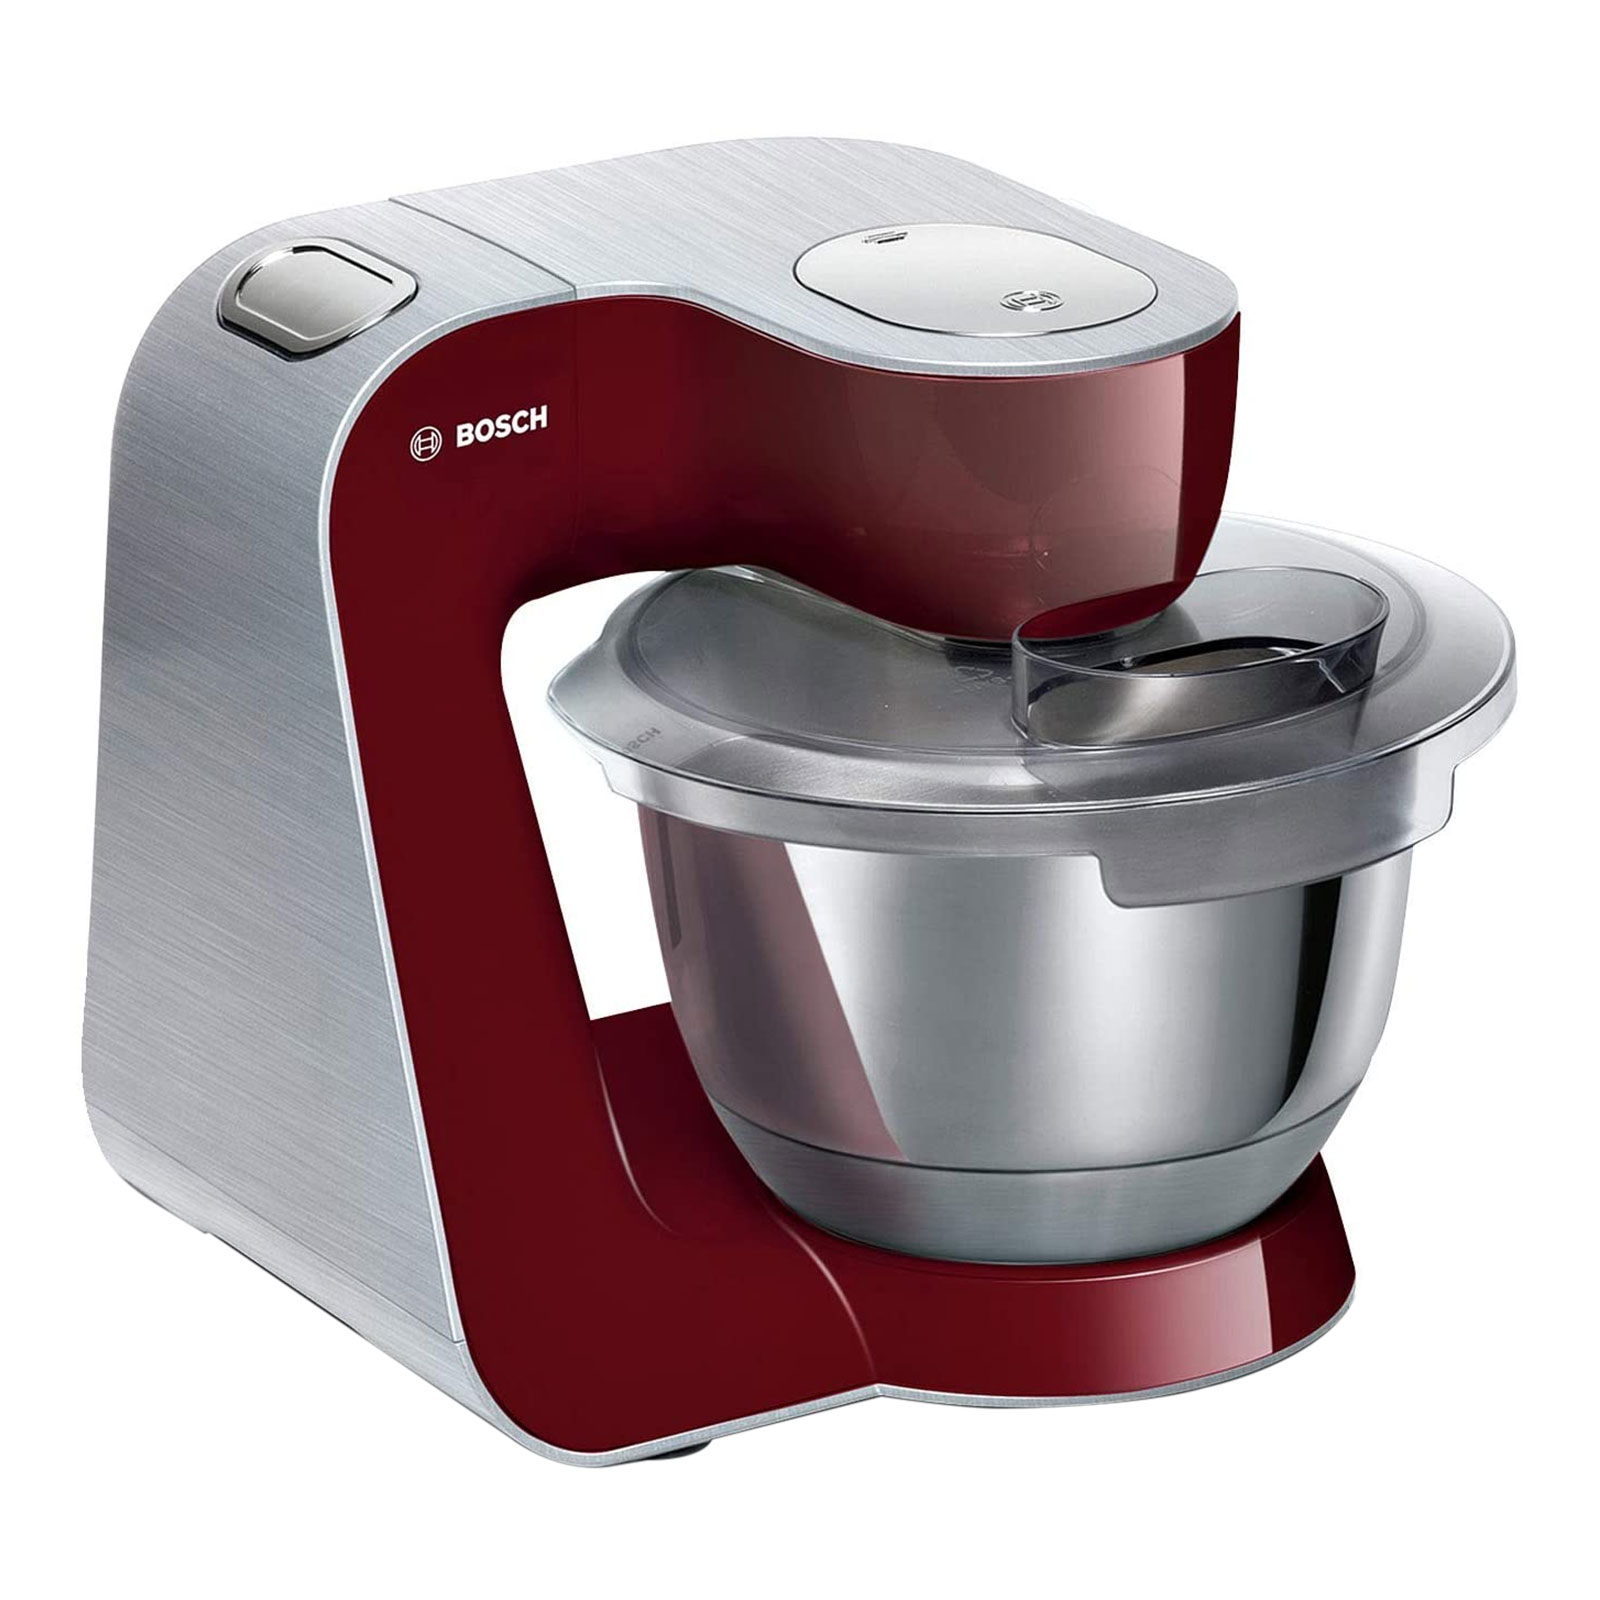 Bosch Küchenmaschine Entsafter 2021